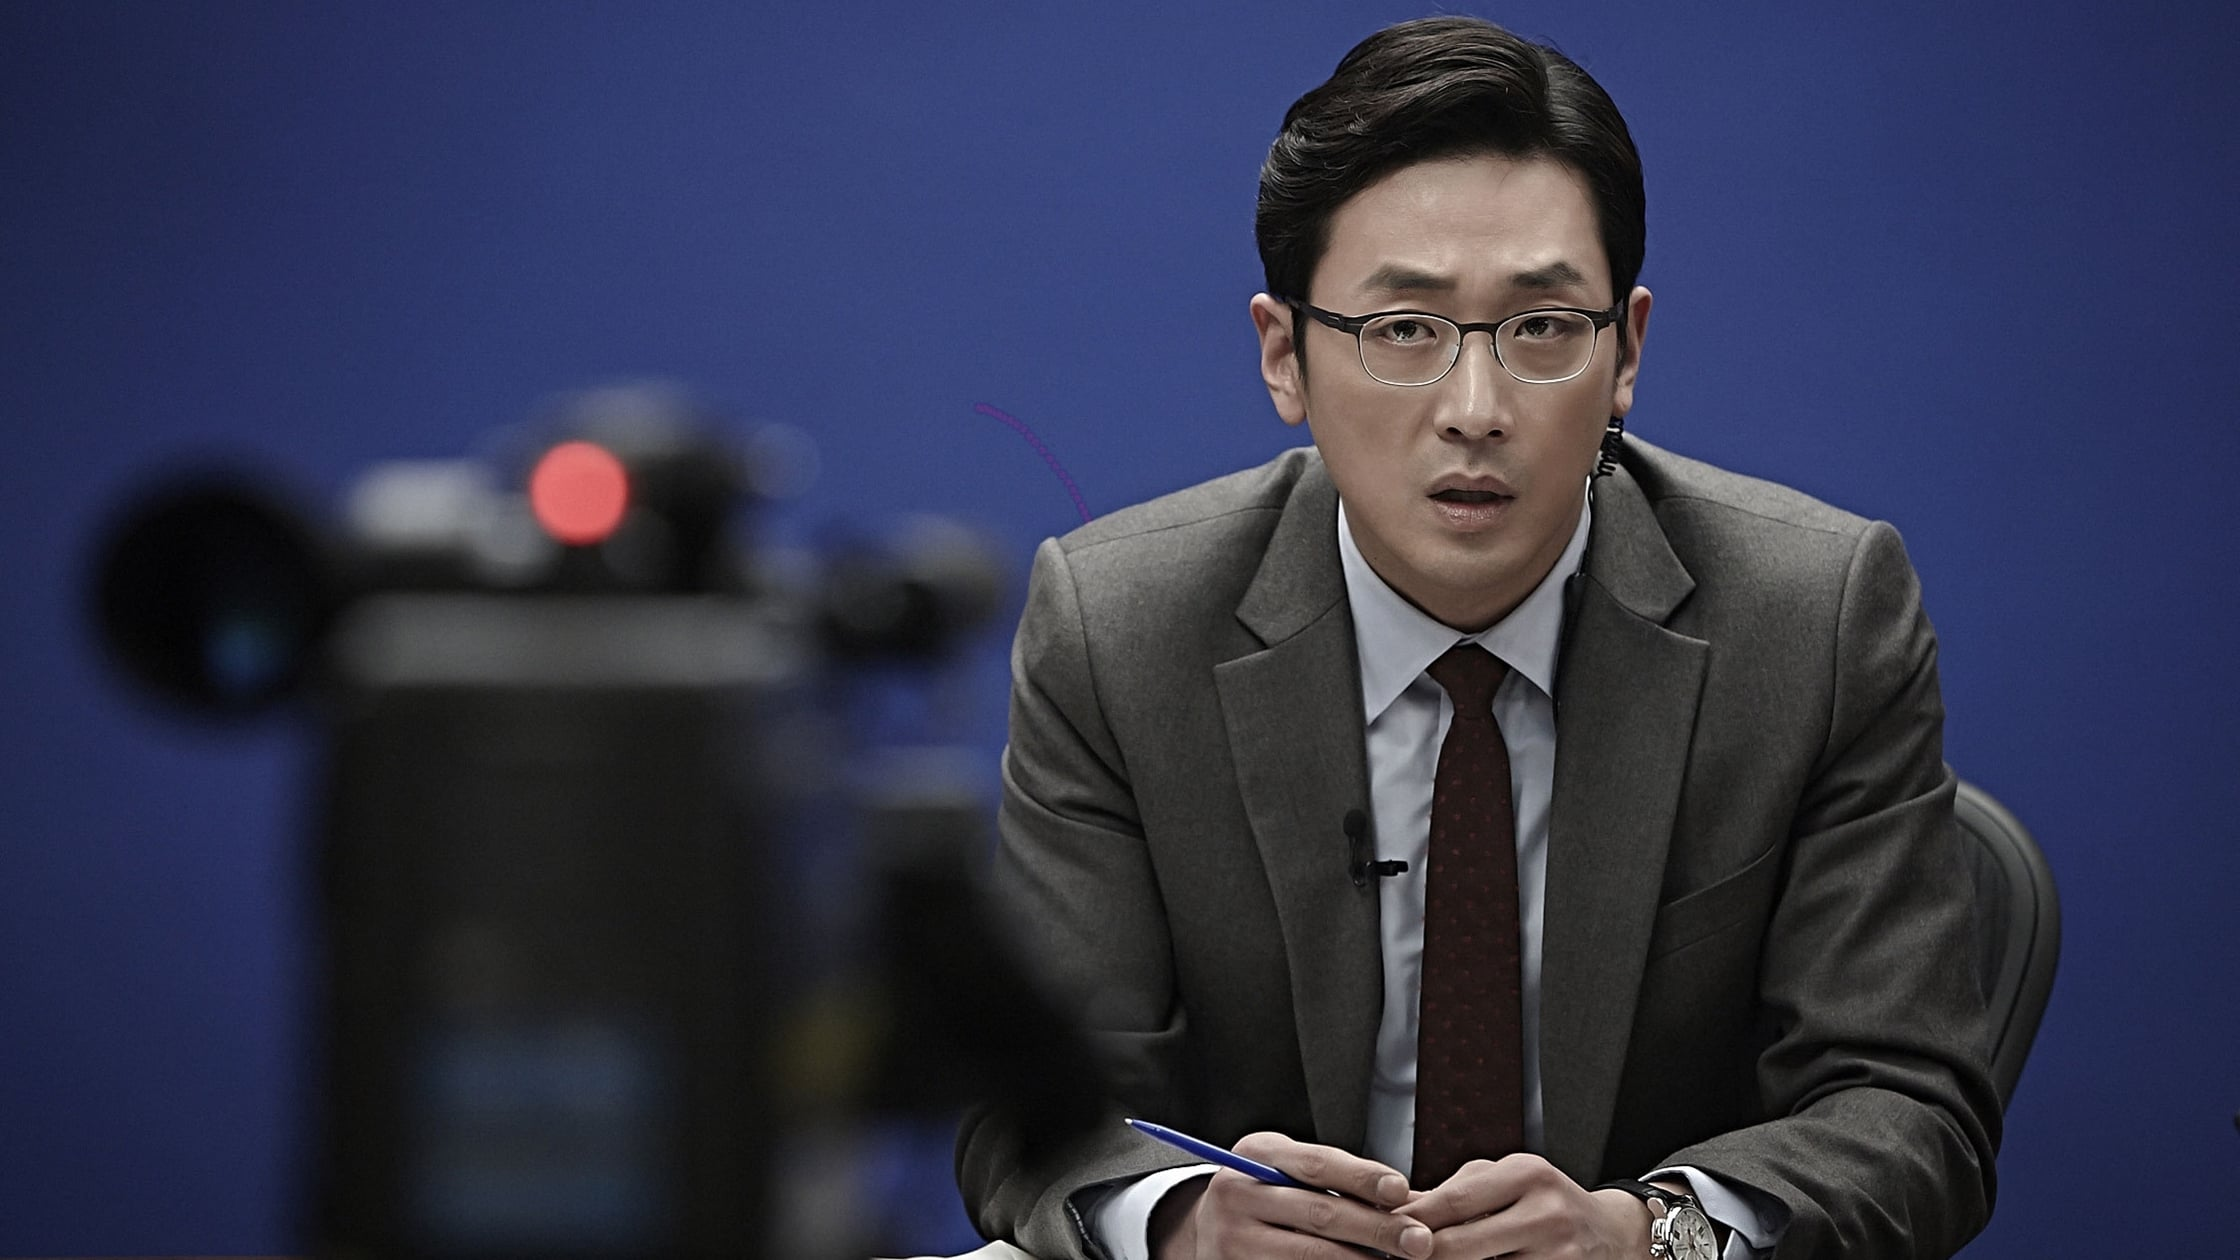 恐怖直播 더 테러 라이브 (2013) 中文字幕